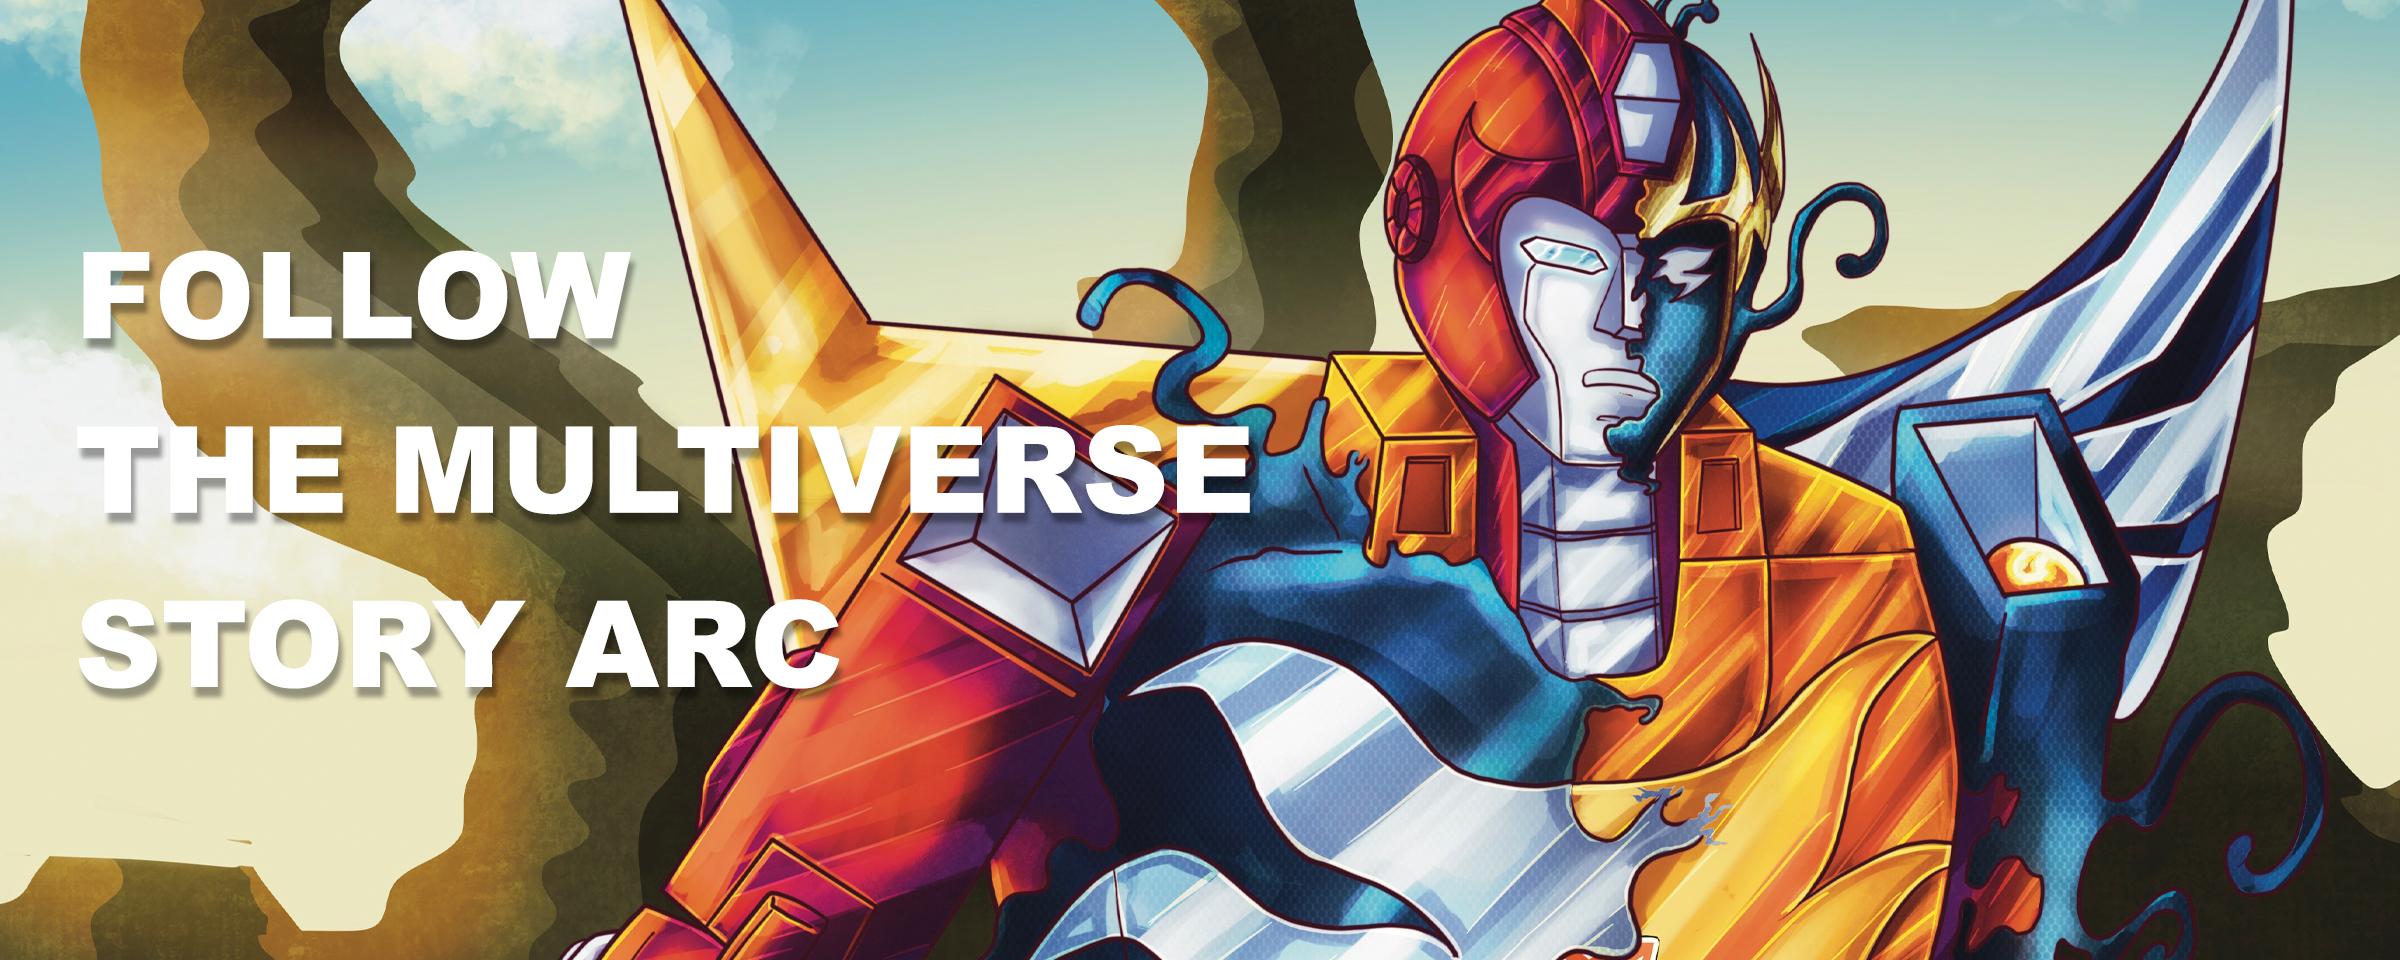 multiverse-story-arc-hotrod-venomized